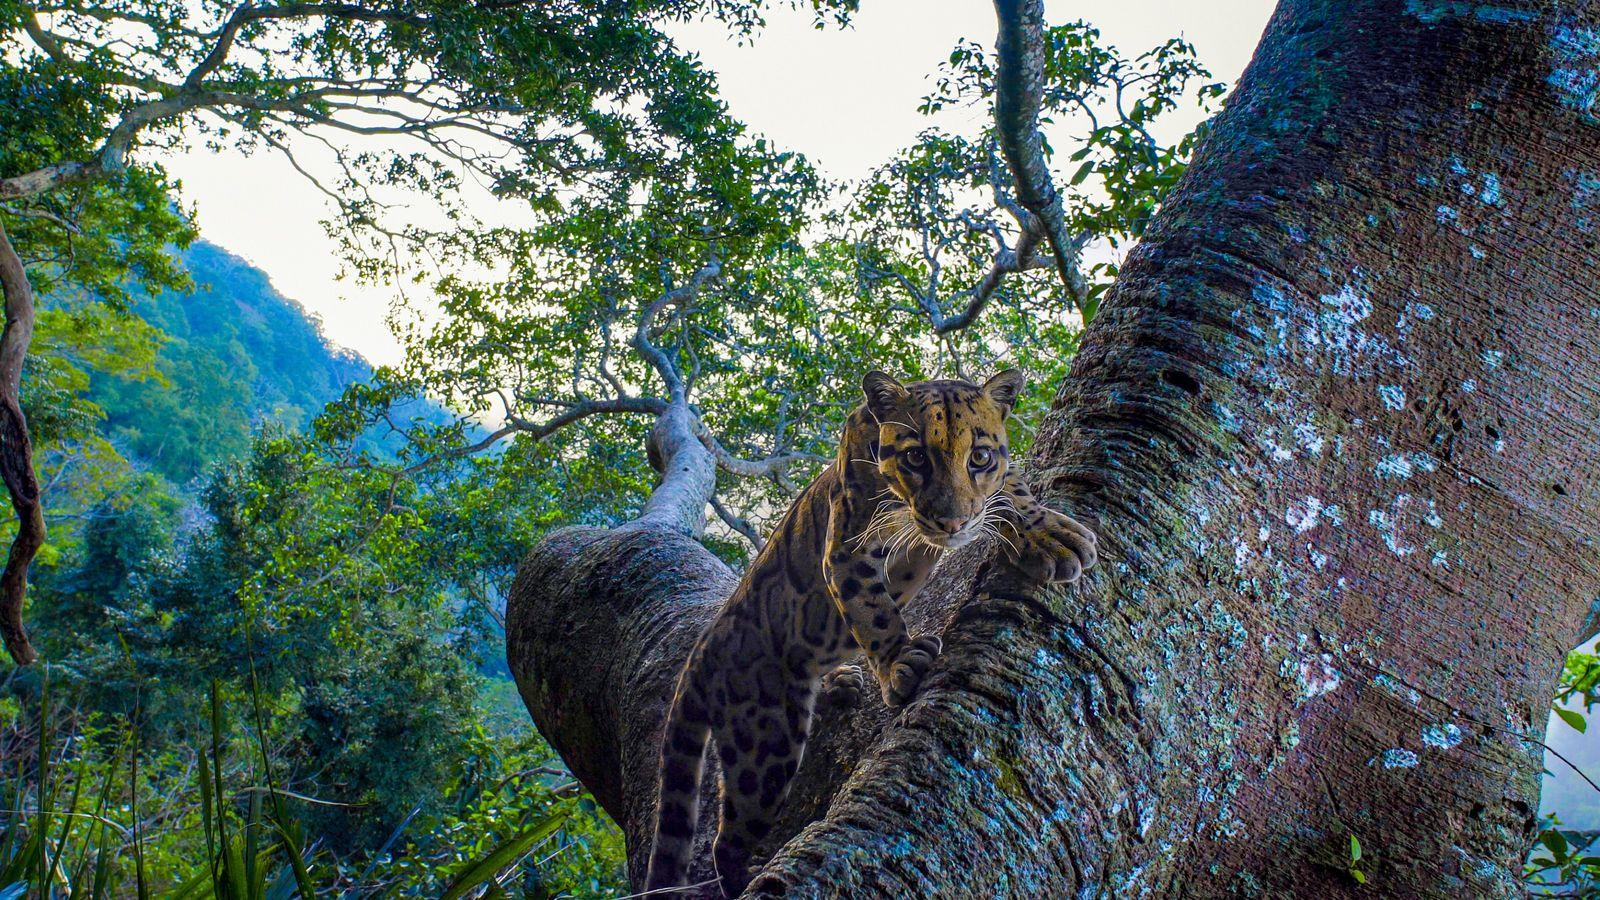 Atteignant près d'un mètre de longueur, la panthère nébuleuse est considérée comme étant vulnérable à l'extinction ...